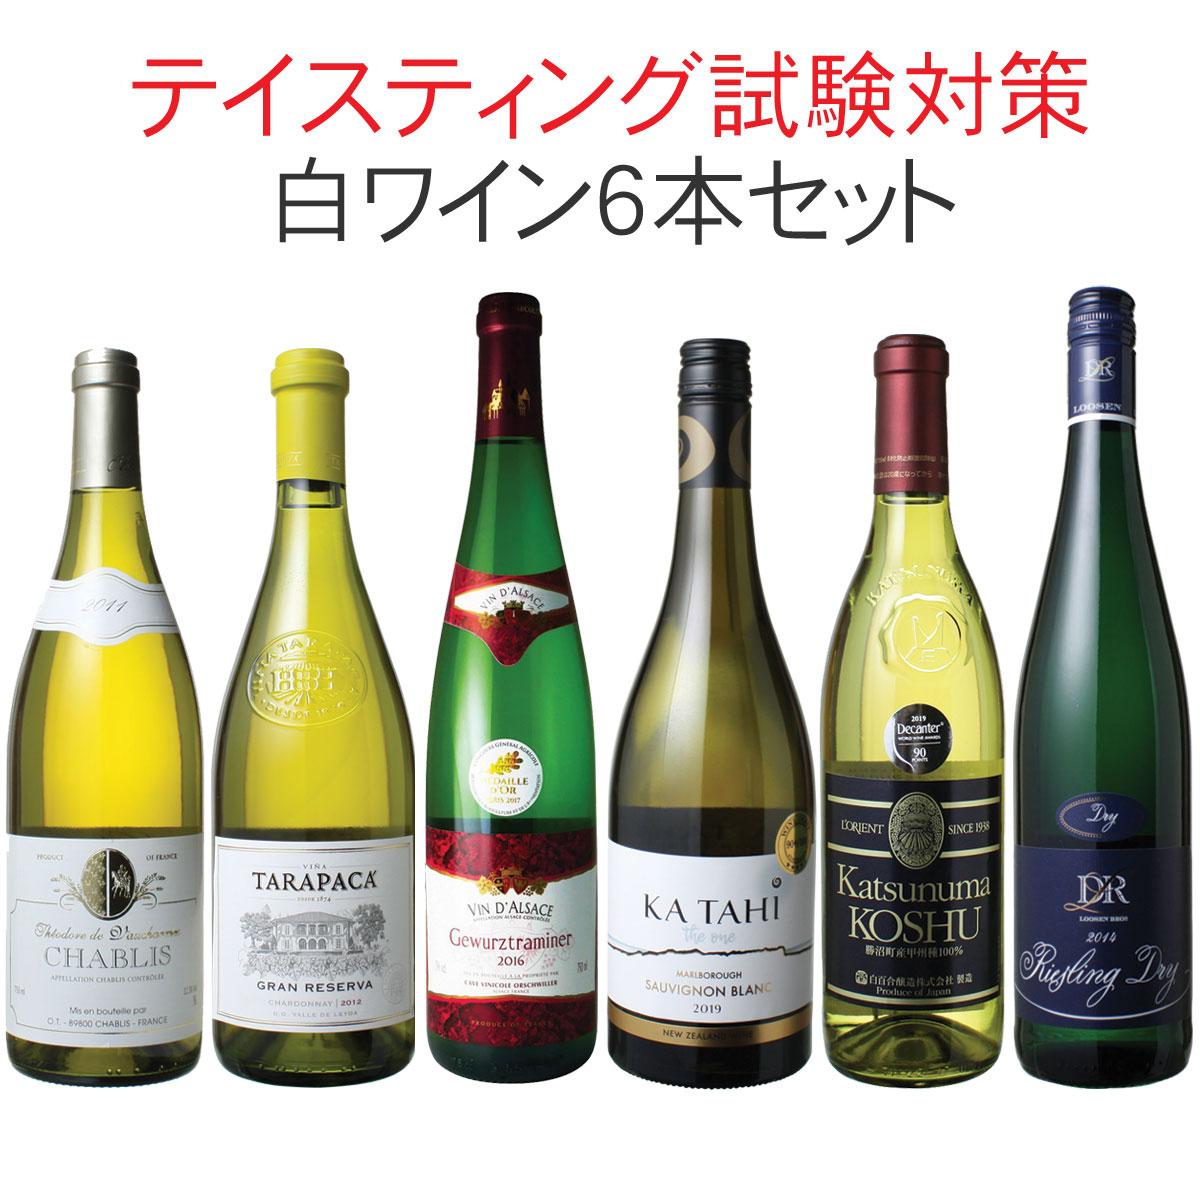 ワインセット ソムリエ&ワインエキスパート試験対策にもなる! 品種別 飲み比べ  6本 セット 白ワイン テイスティング 二次試験対策